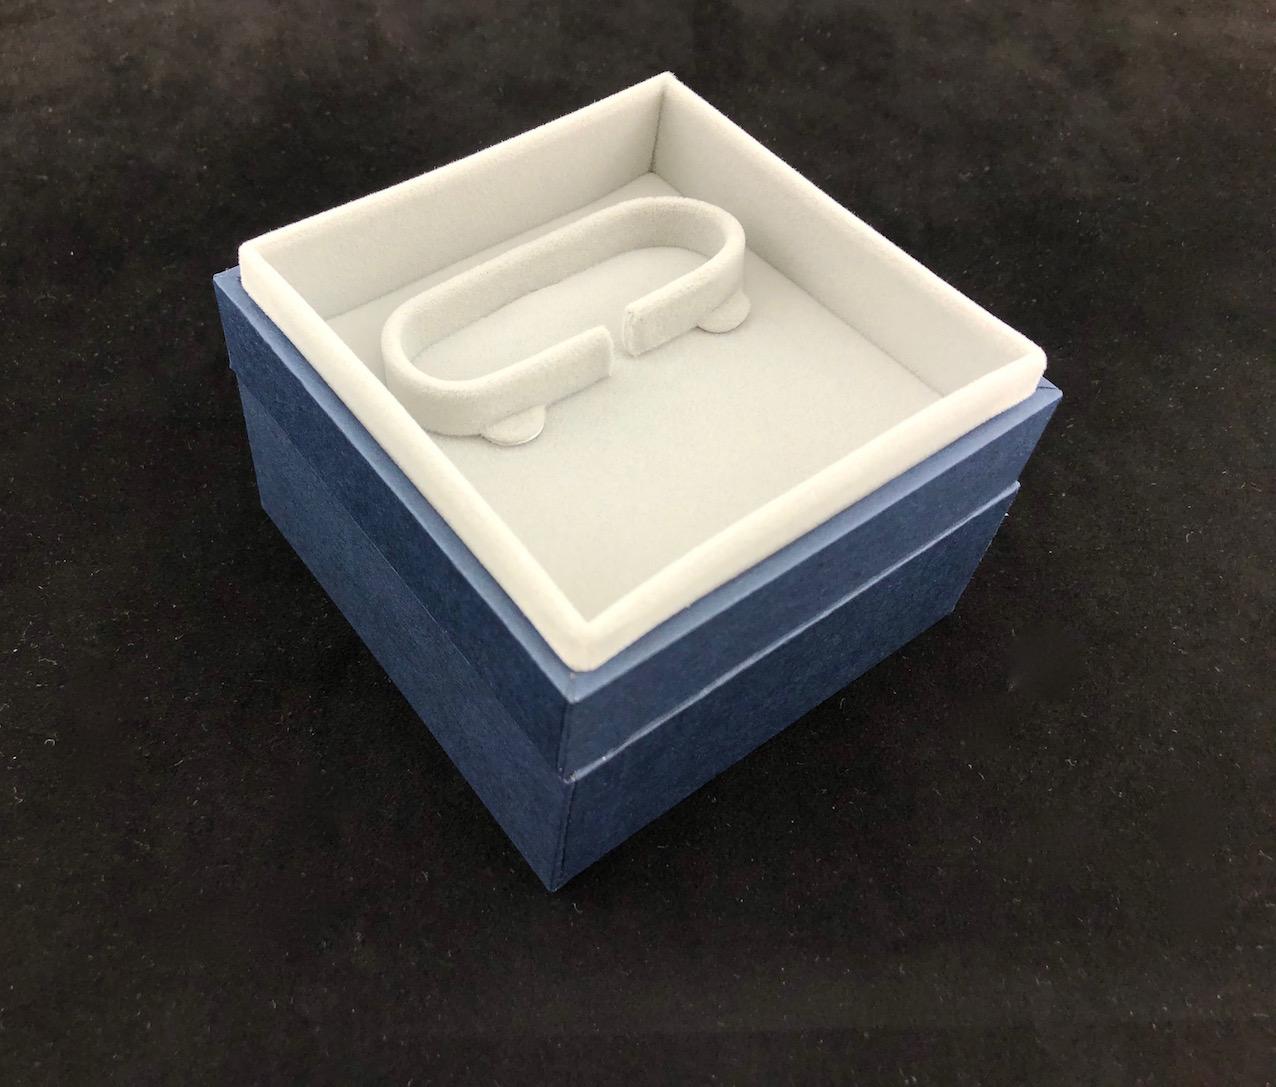 New Blue Envy Bangle Box